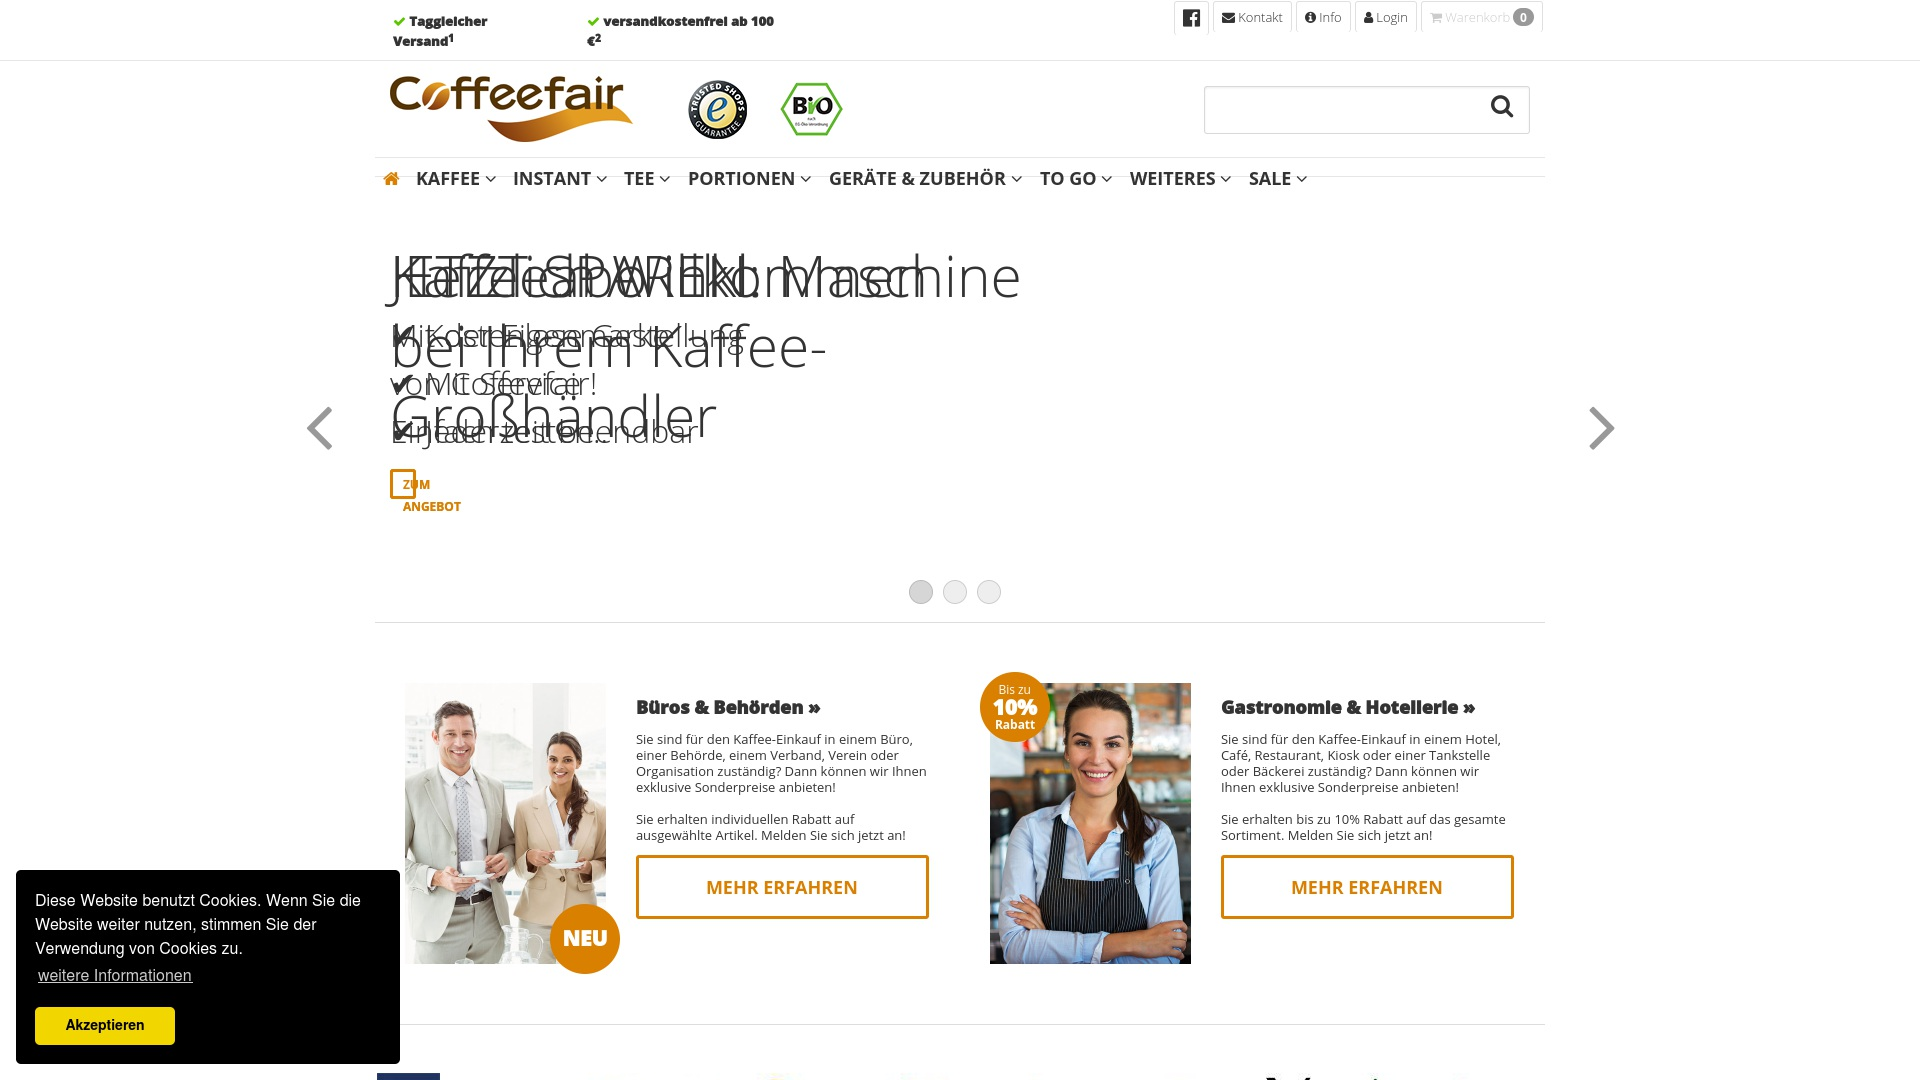 Gutschein für Coffeefair: Rabatte für  Coffeefair sichern